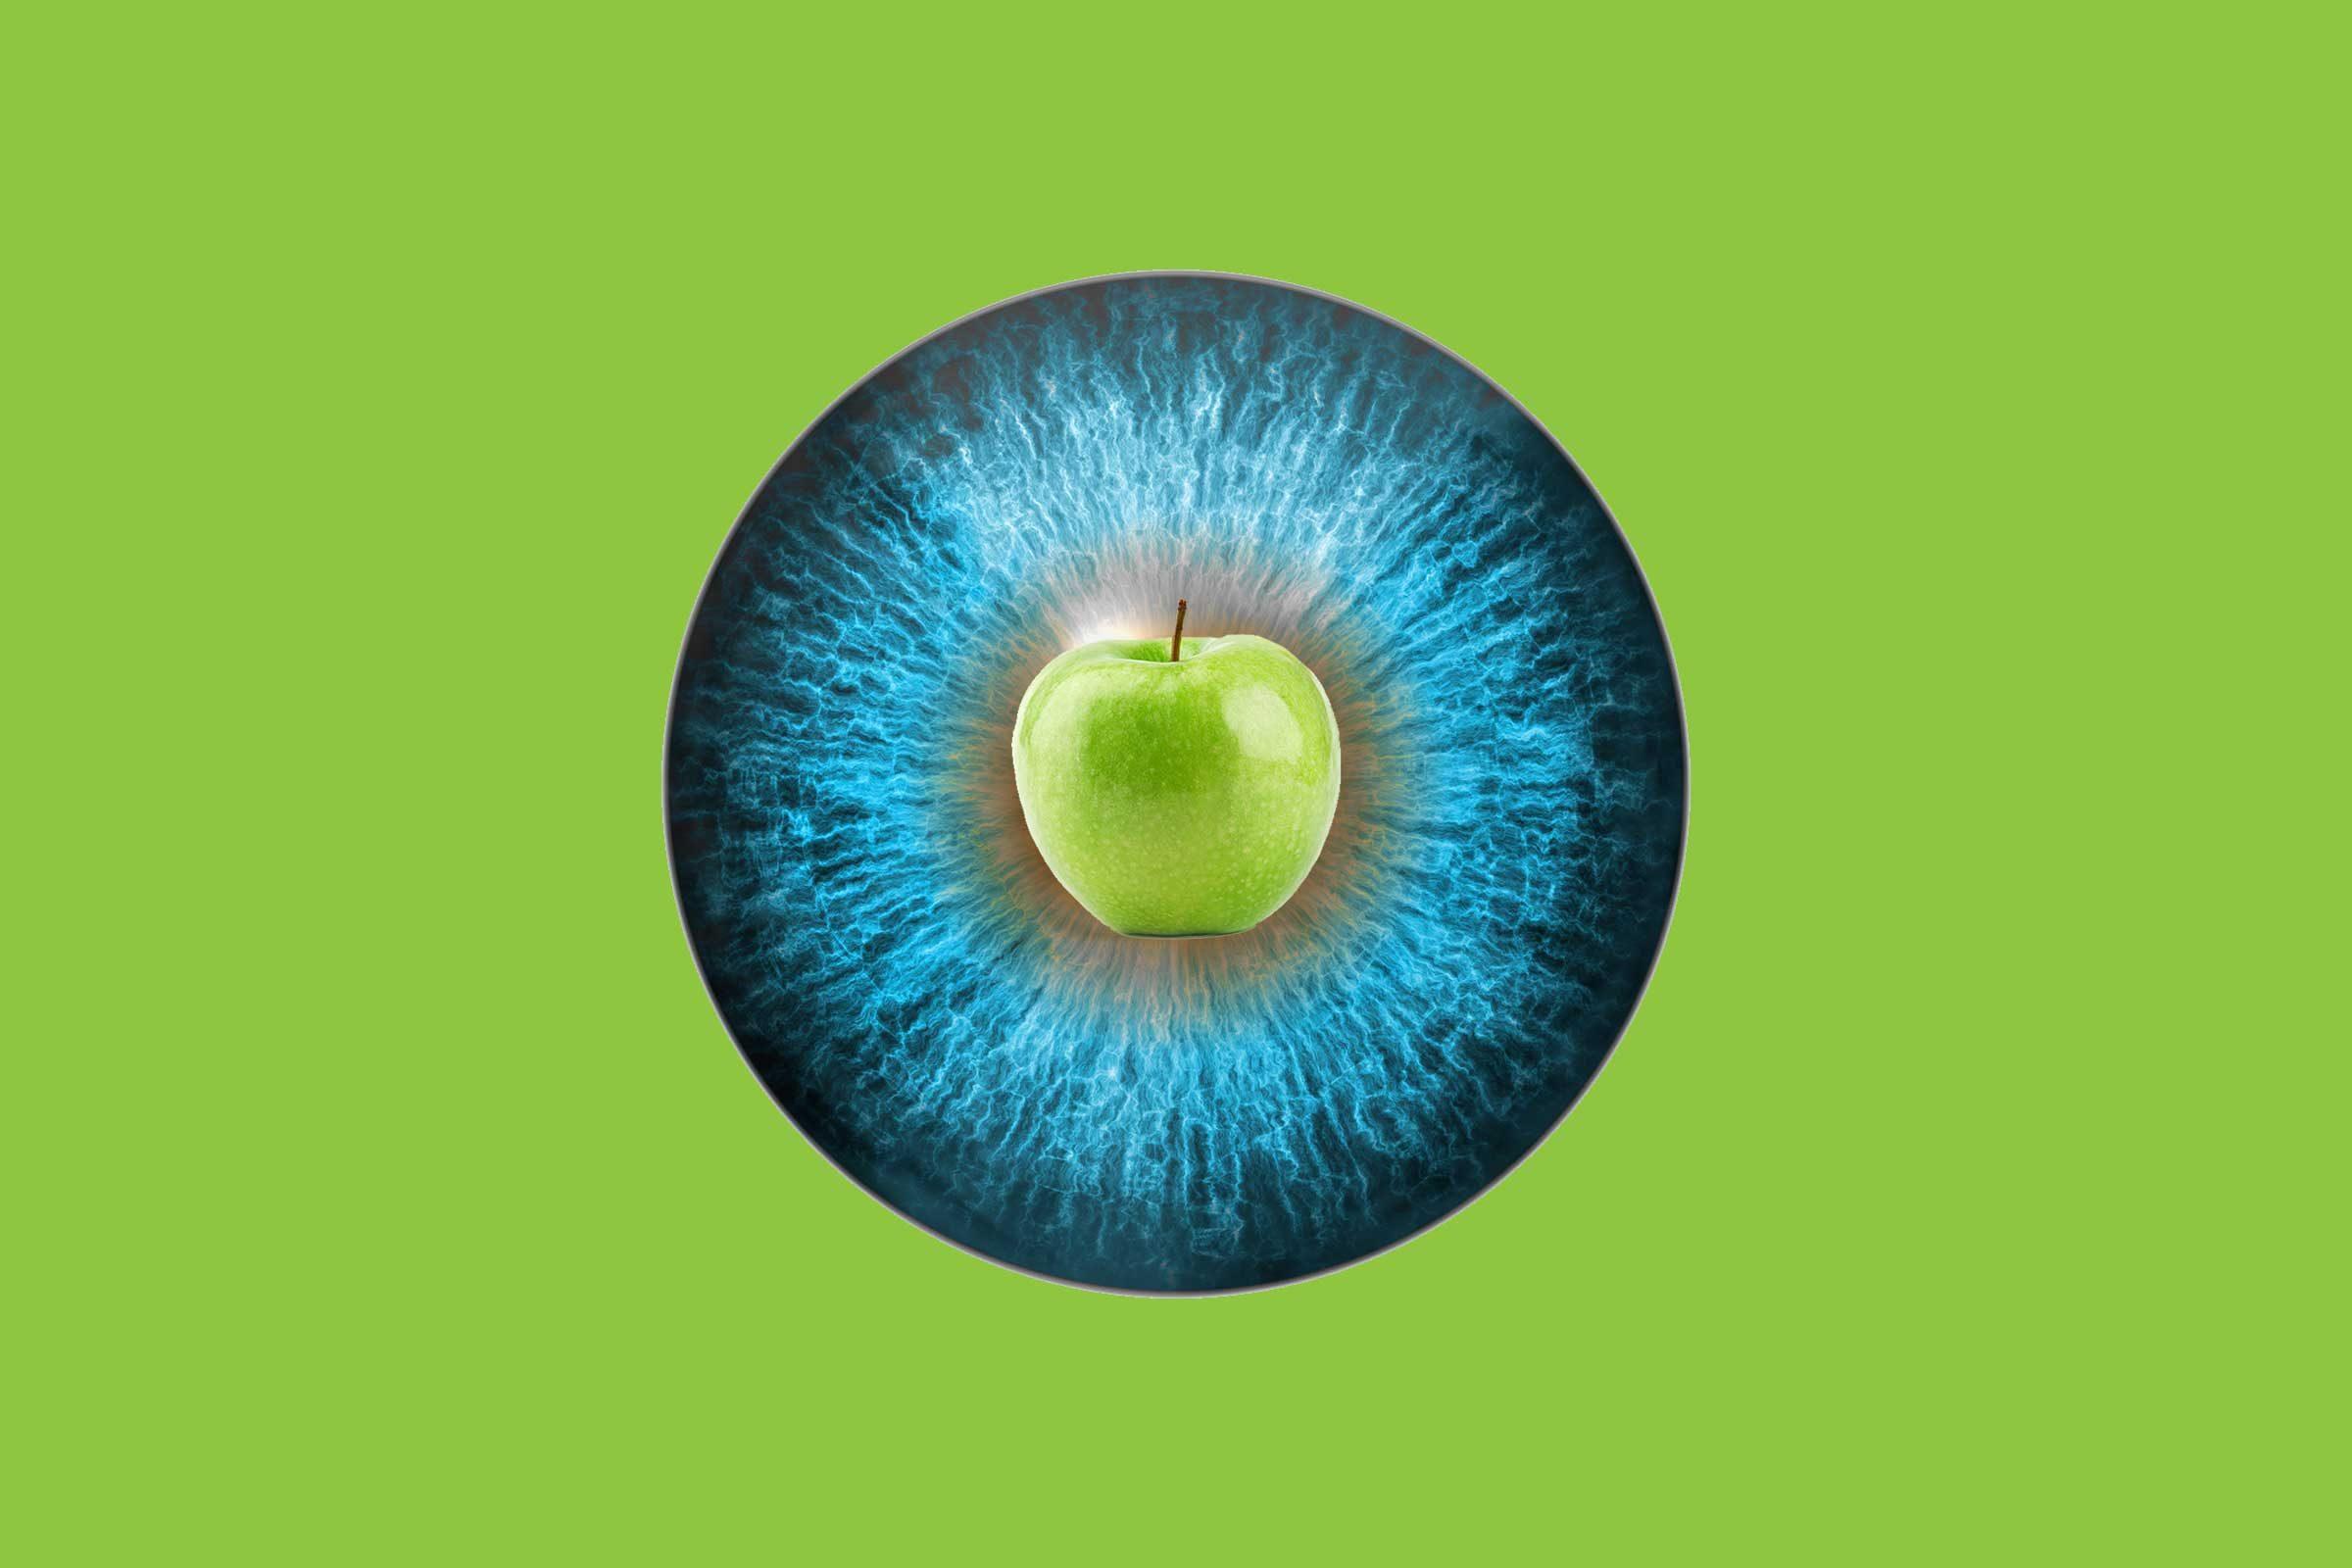 apple of my eye idiom